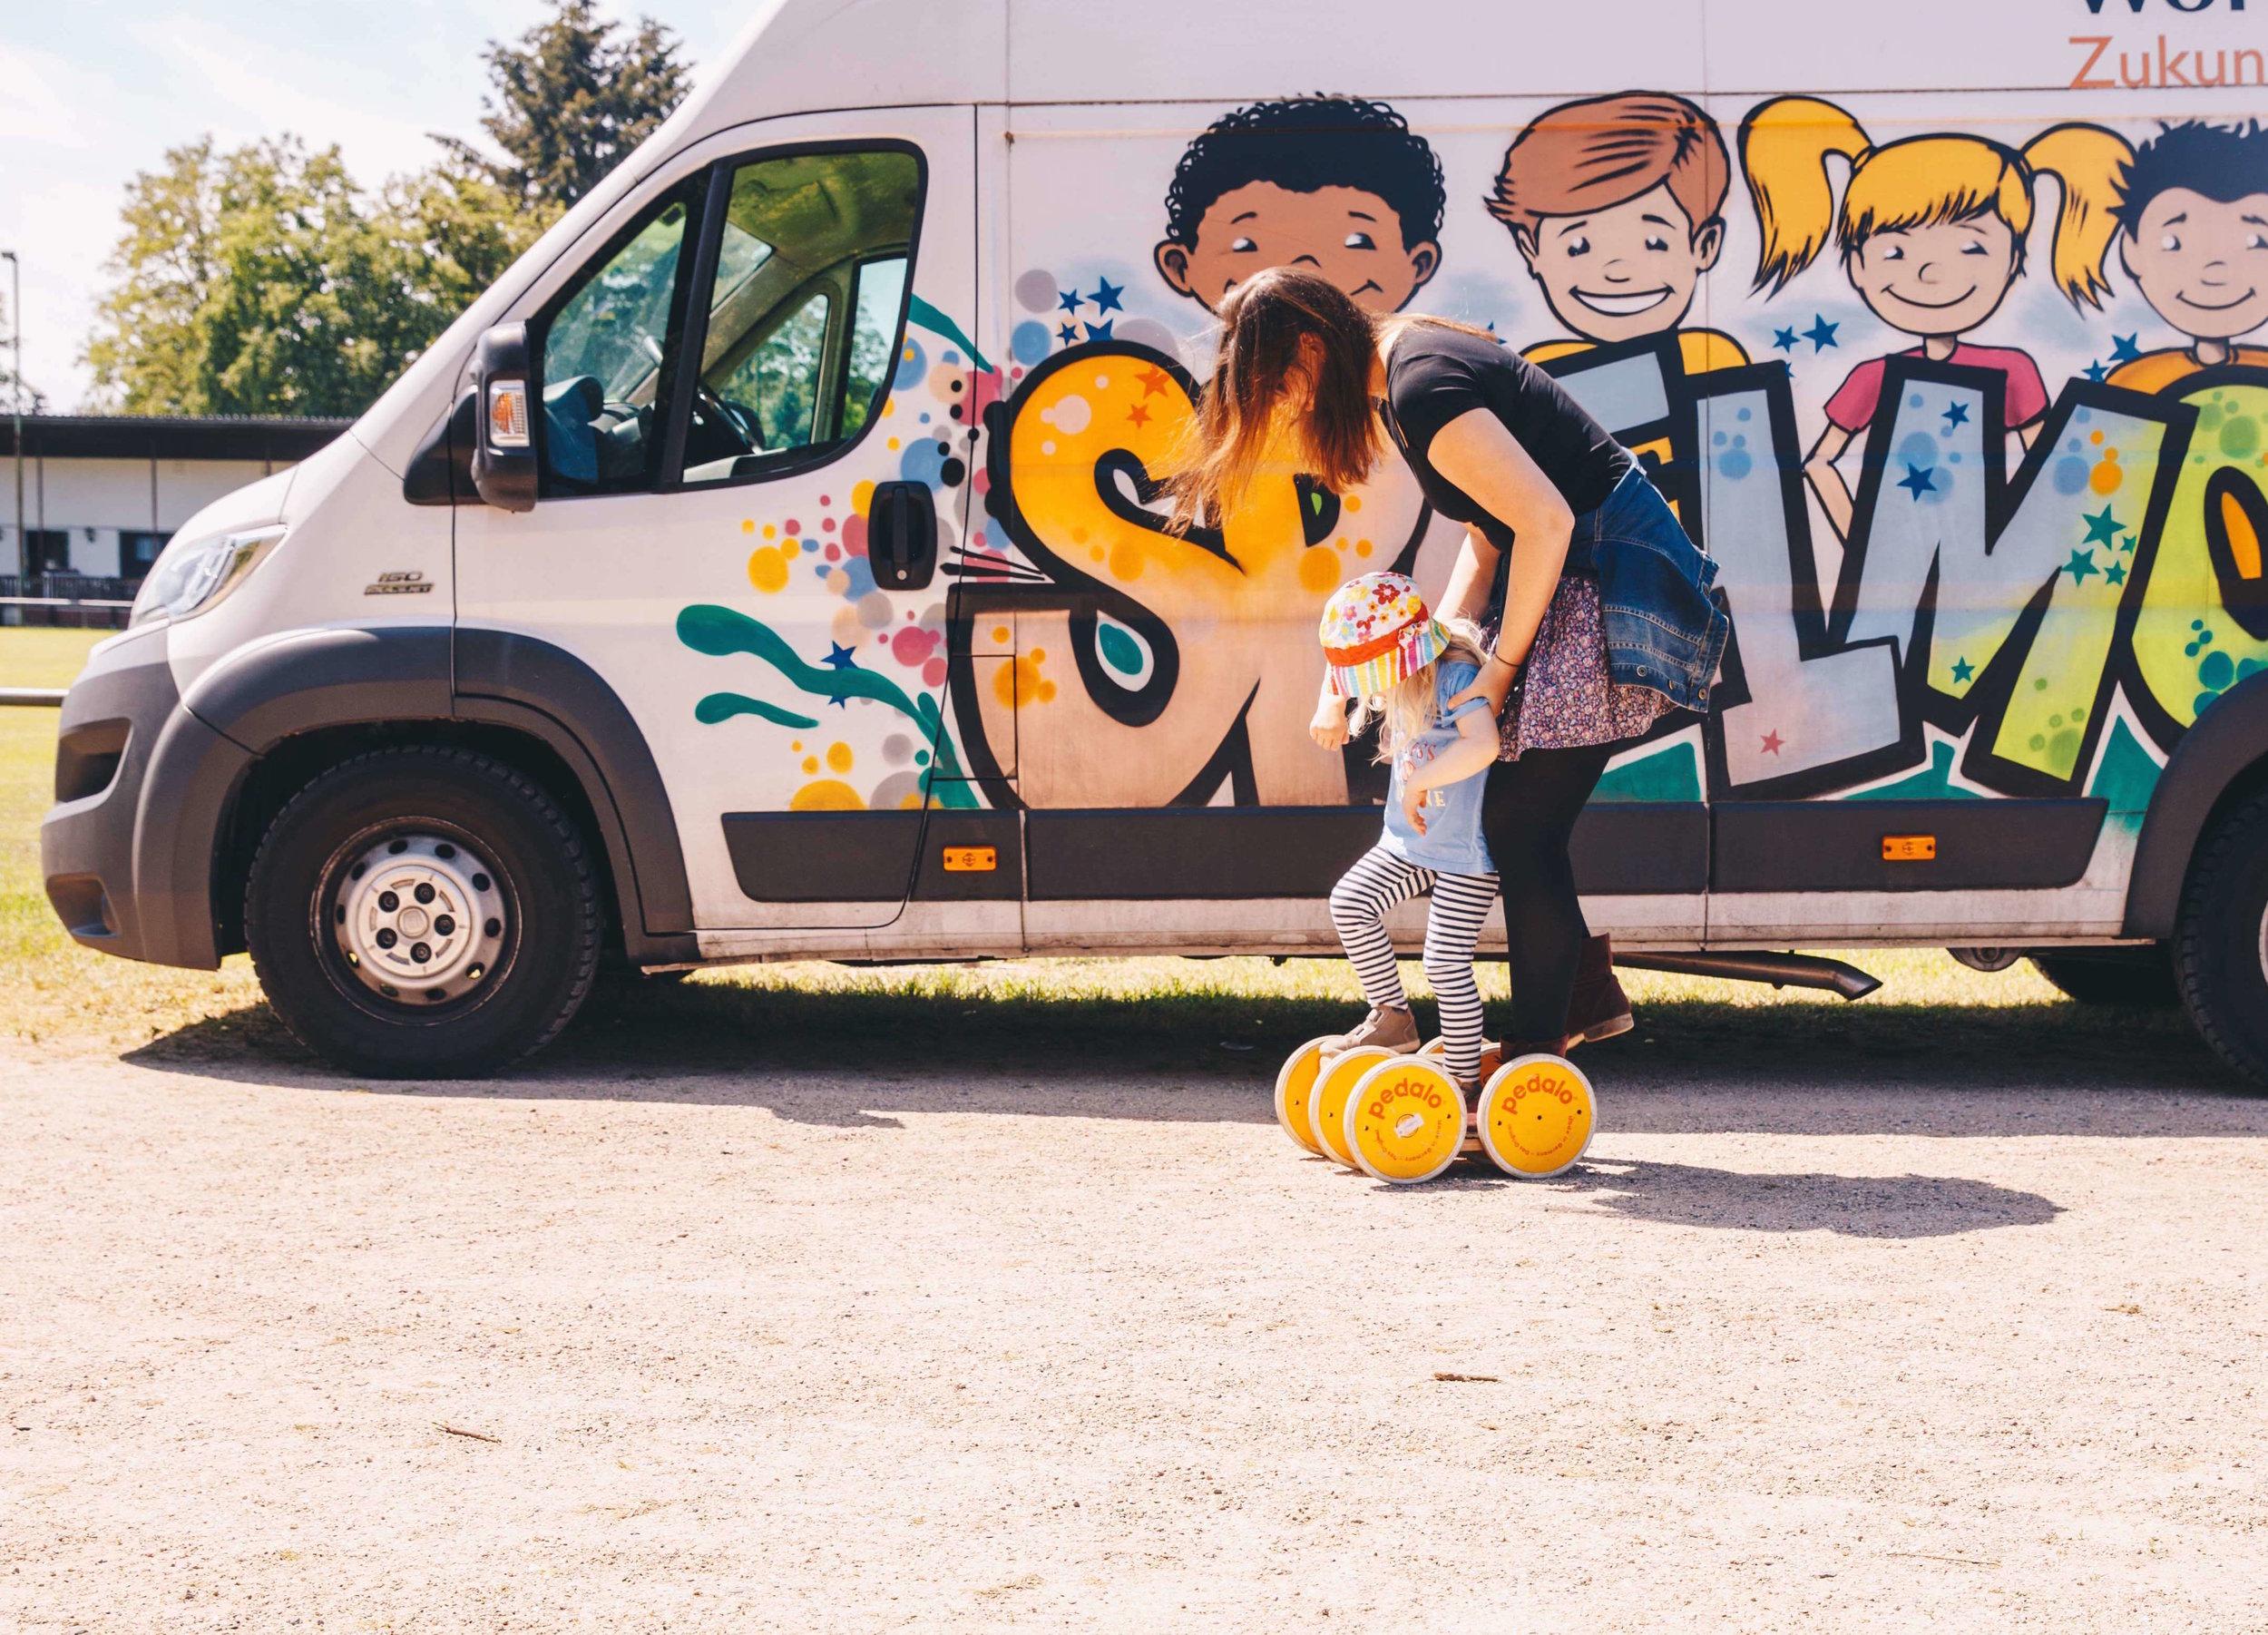 Spielmobil - Wieder kind sein dürfen - Gerade Kinder, die aus Krisenverhältnissen flüchten mussten, haben statt Spielsachen meist eher schlimme Erfahrungen im Gepäck und wurden viel zu früh mit dem Ernst des Lebens konfrontiert. Diese Kinder brauchen einen Ort, an dem sie wieder Kinder sein können. Diesen Ort möchten wir mit unserem Spielmobil zu den Kindern bringen. Klick dich hier auf die Website des Spielmobils.